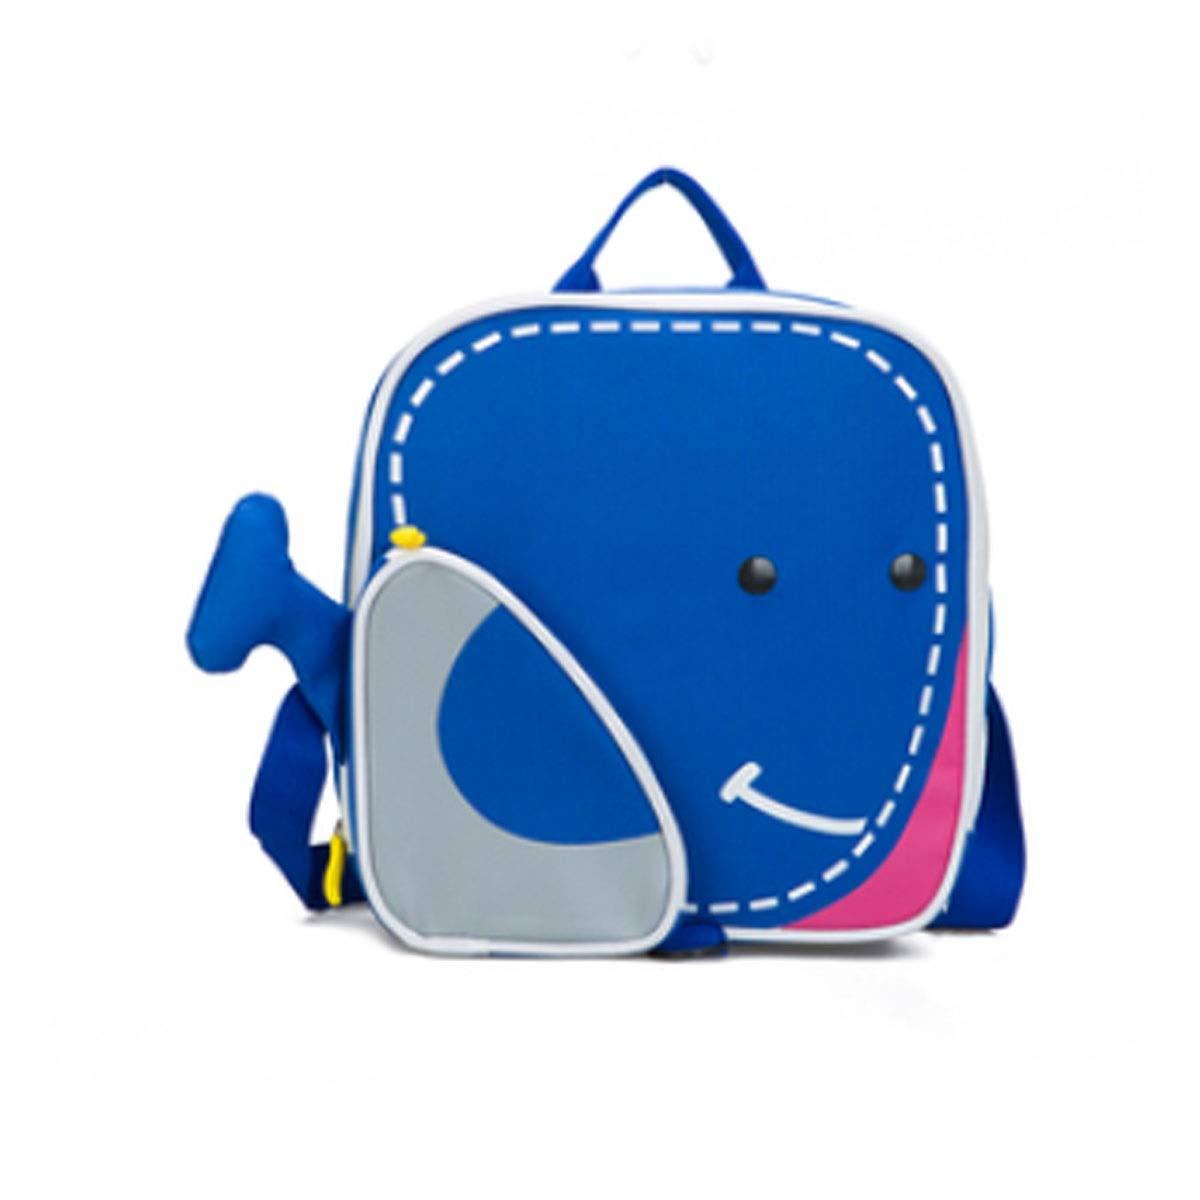 f9b69469d9 Borsa da scuola, borsa da studente, zaino impermeabile resistente  all'usura, all'usura, all'usura, adatto a bambini di età compresa tra 3-7,  24 10 30 cm, ...